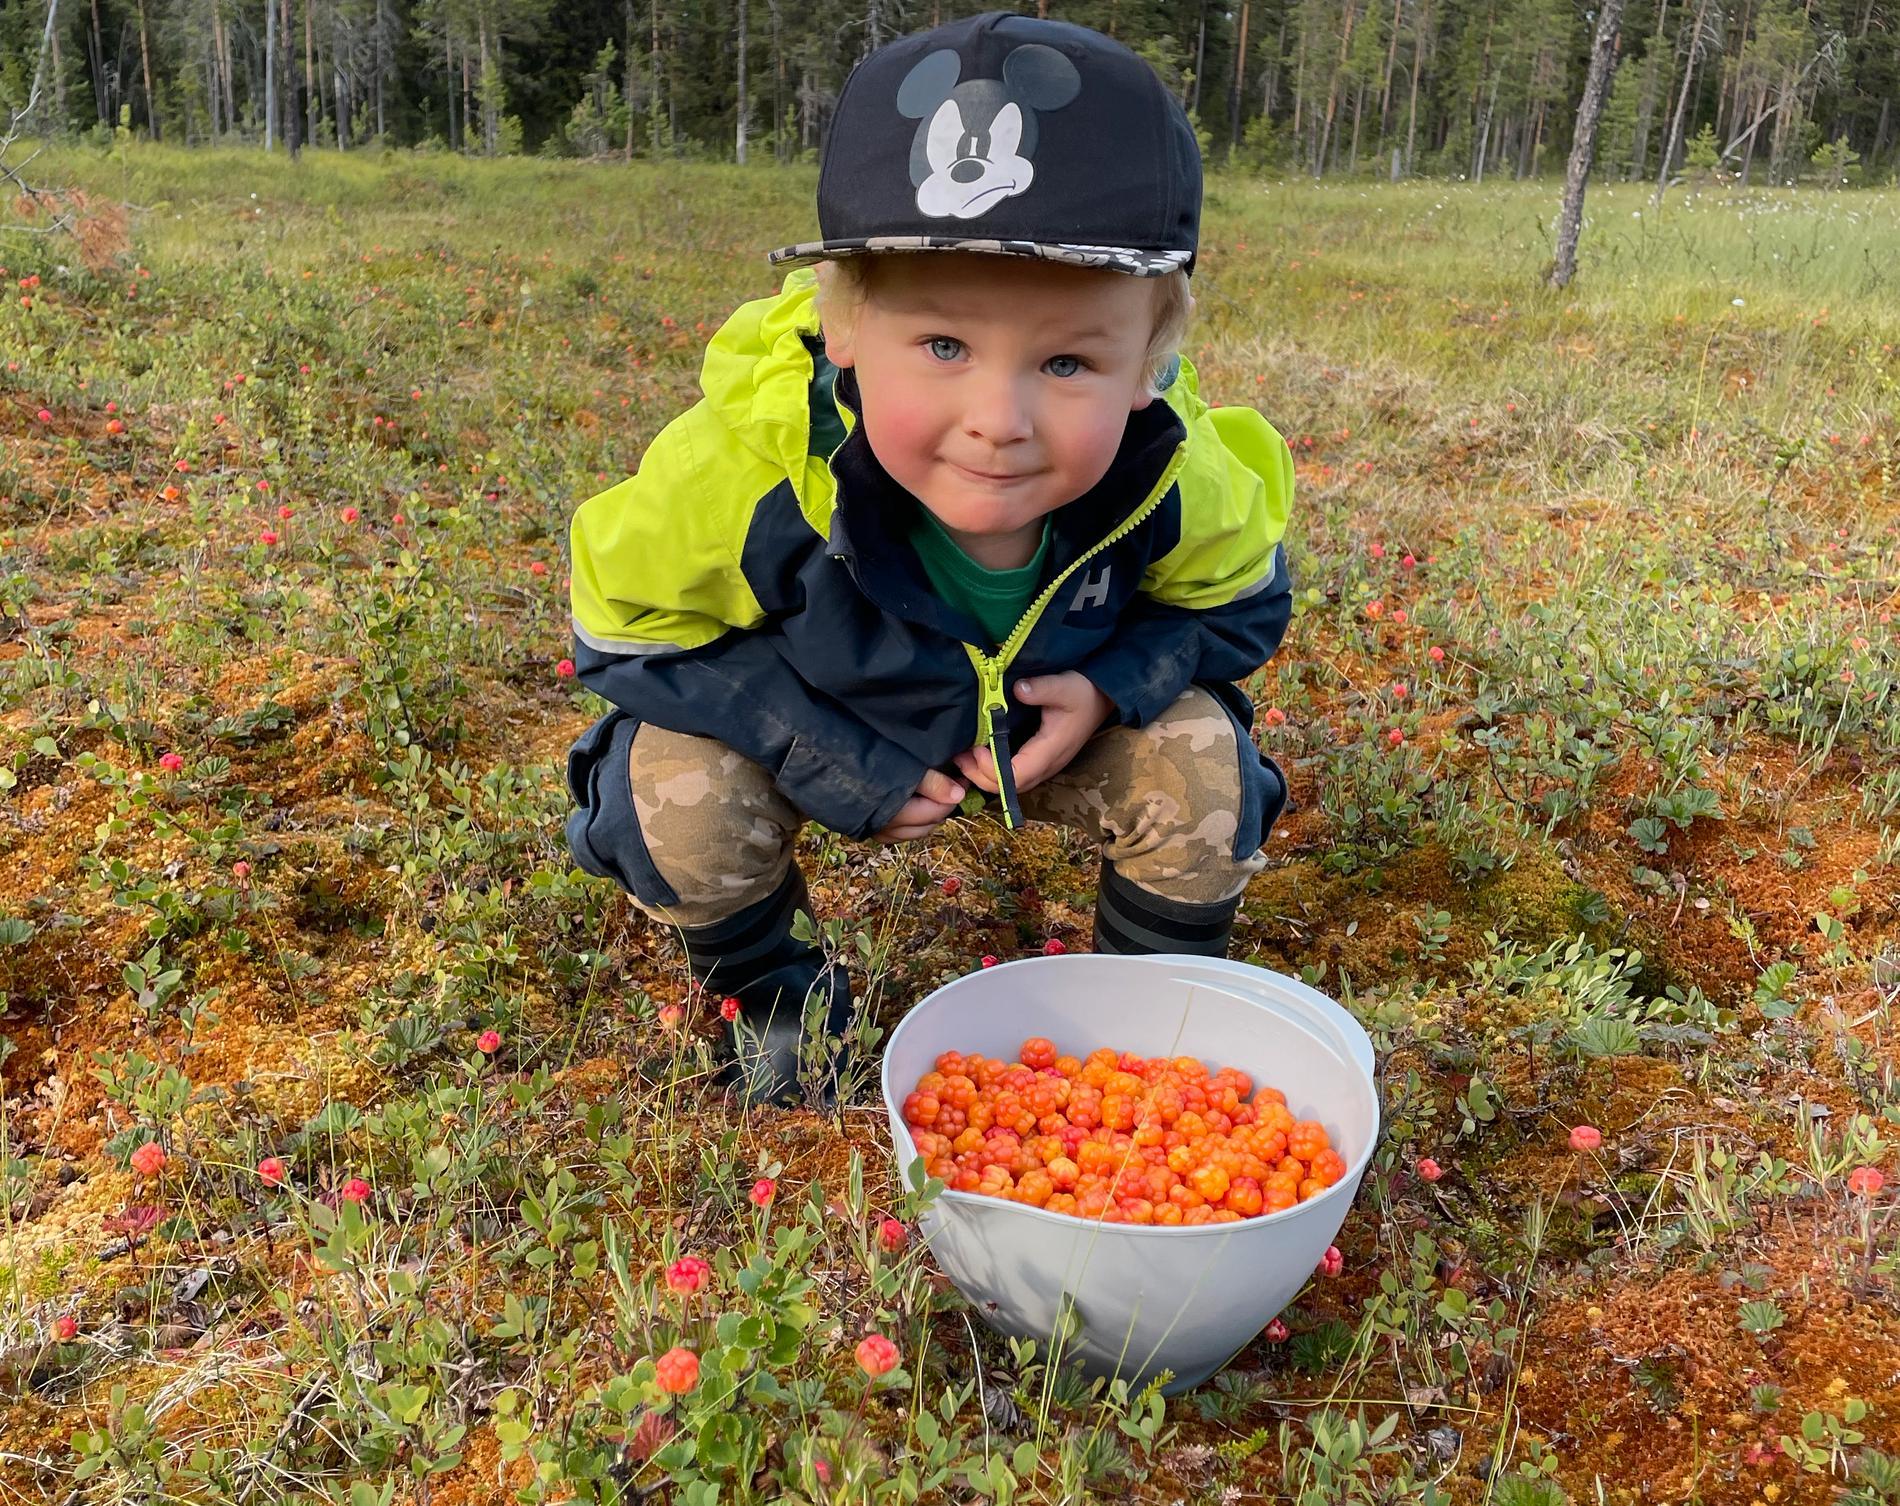 Lille Milo, 3, älskar att plocka hjortron - men inte att äta upp dem. Därför skänkte han bort sina två liter till en äldre kvinna som inte kunde ta sig ut själv